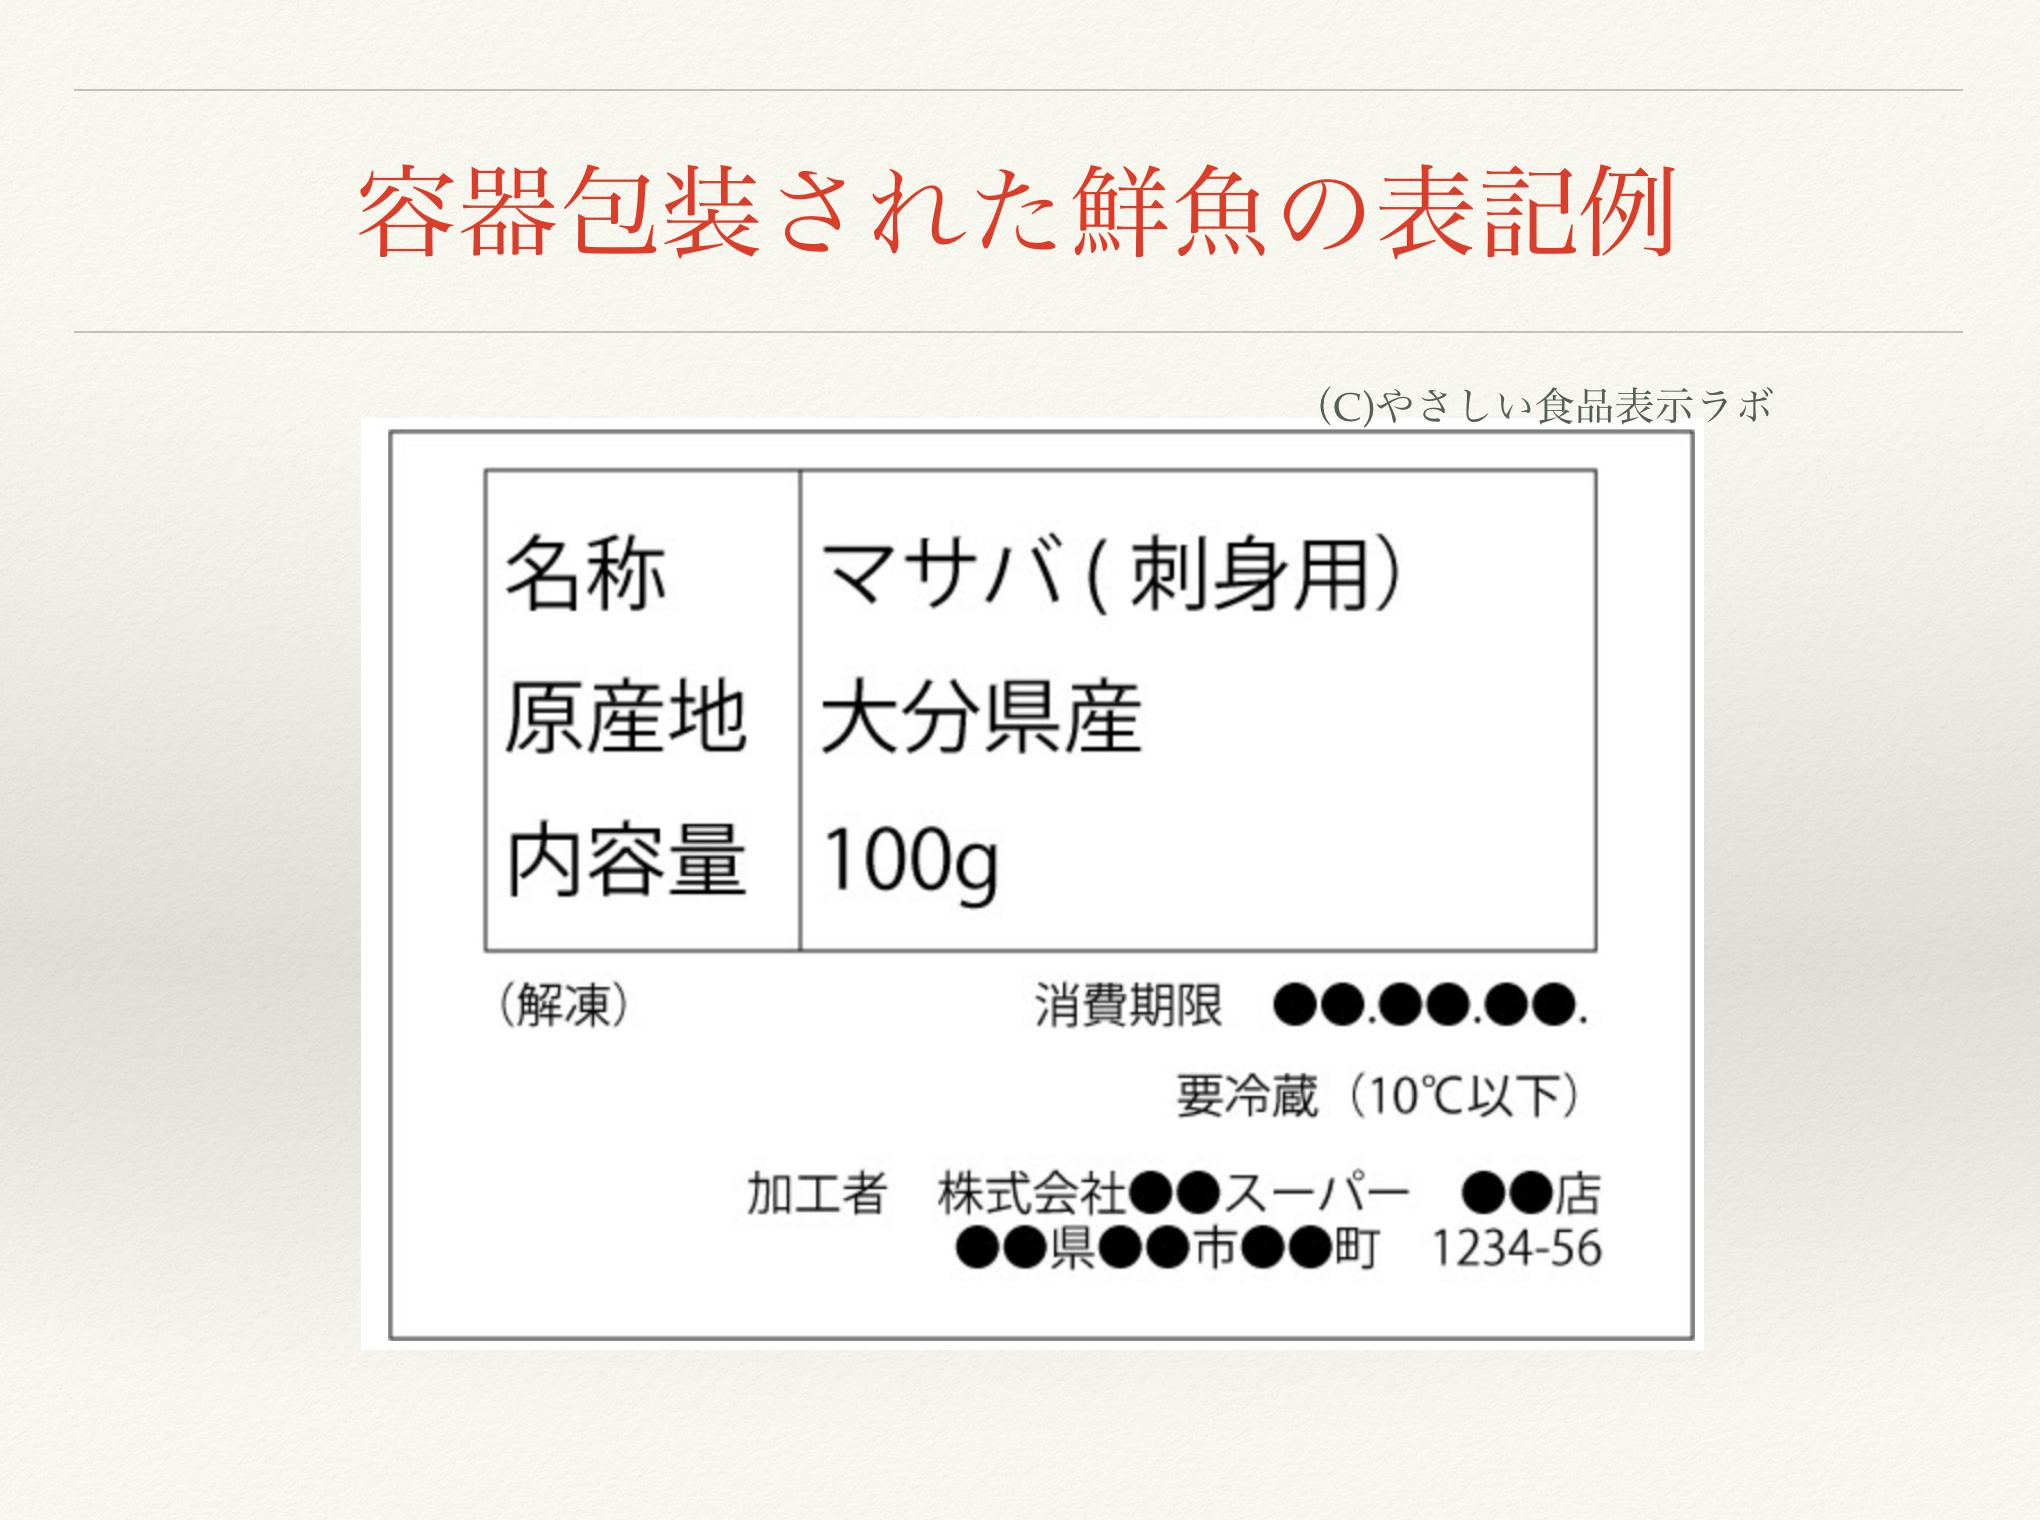 容器包装された鮮魚の食品表示例